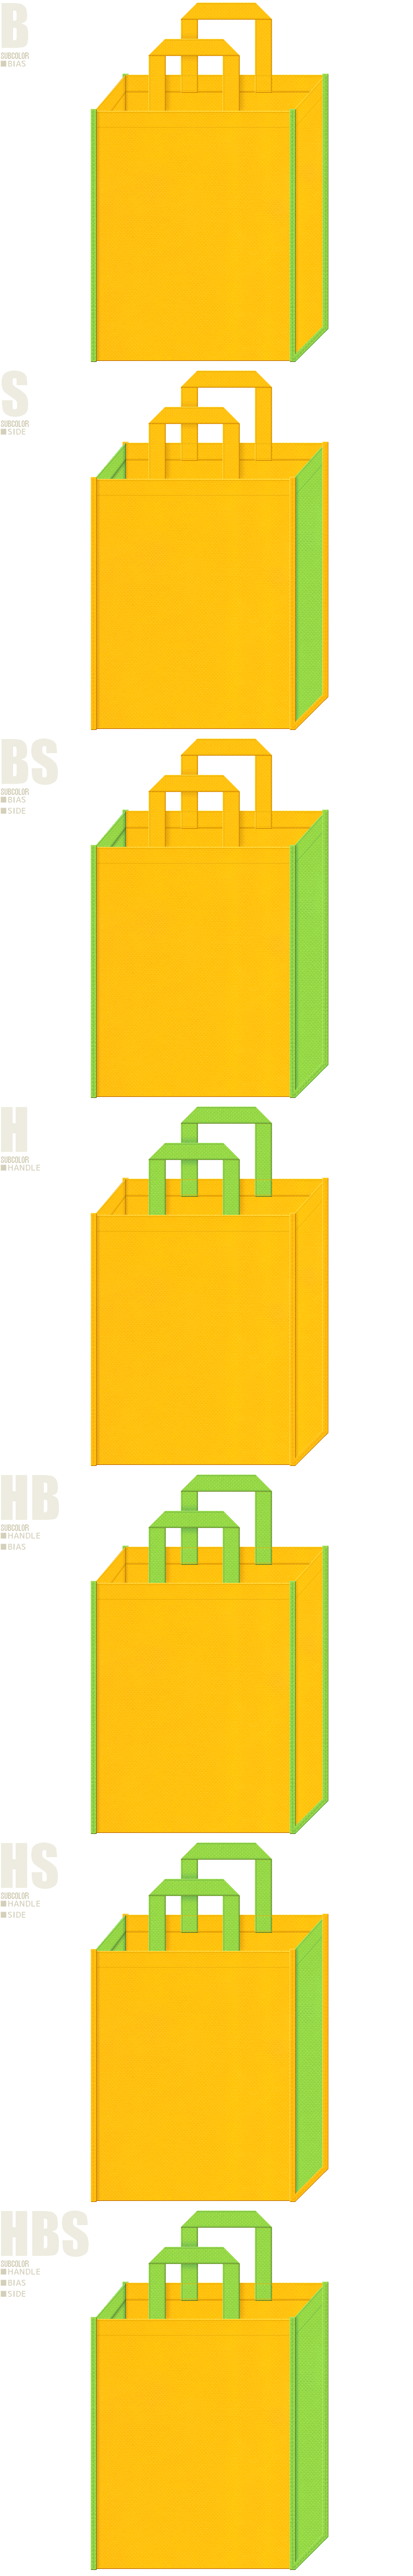 インコ・ひまわり・とうもろこし・たんぽぽ・アブラナ・菜の花・絵本・おとぎ話・おもちゃ・ゲーム・テーマパーク・通園バッグ・キッズイベントにお奨めの不織布バッグデザイン:黄色と黄緑色の配色7パターン